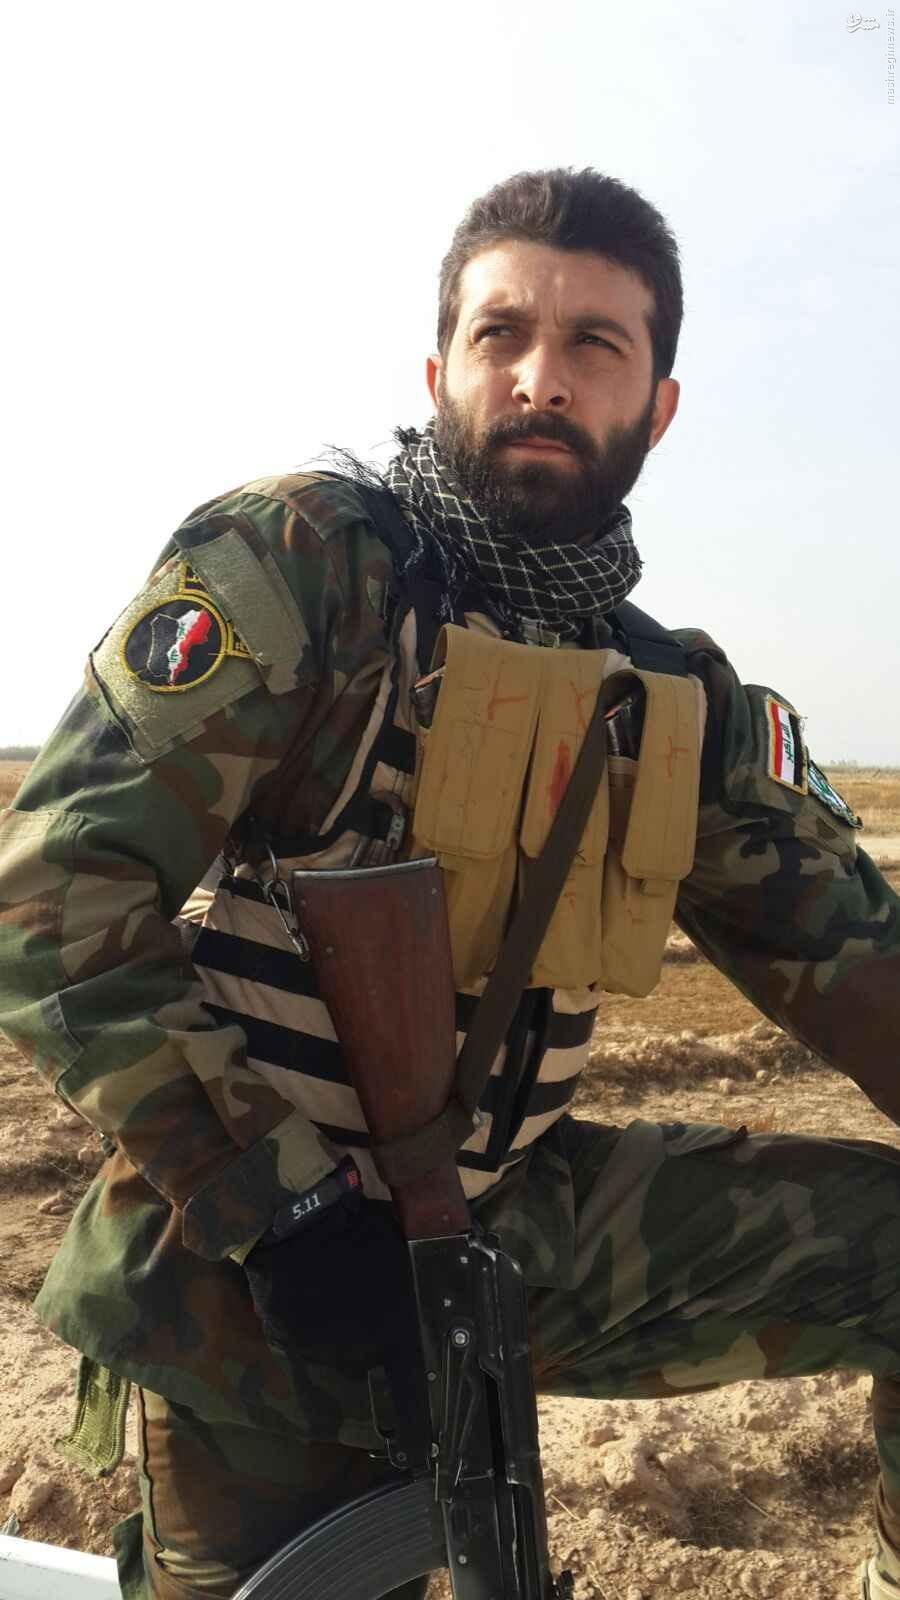 شهادت بسیجی مدافع حرم در عراق+تصویر